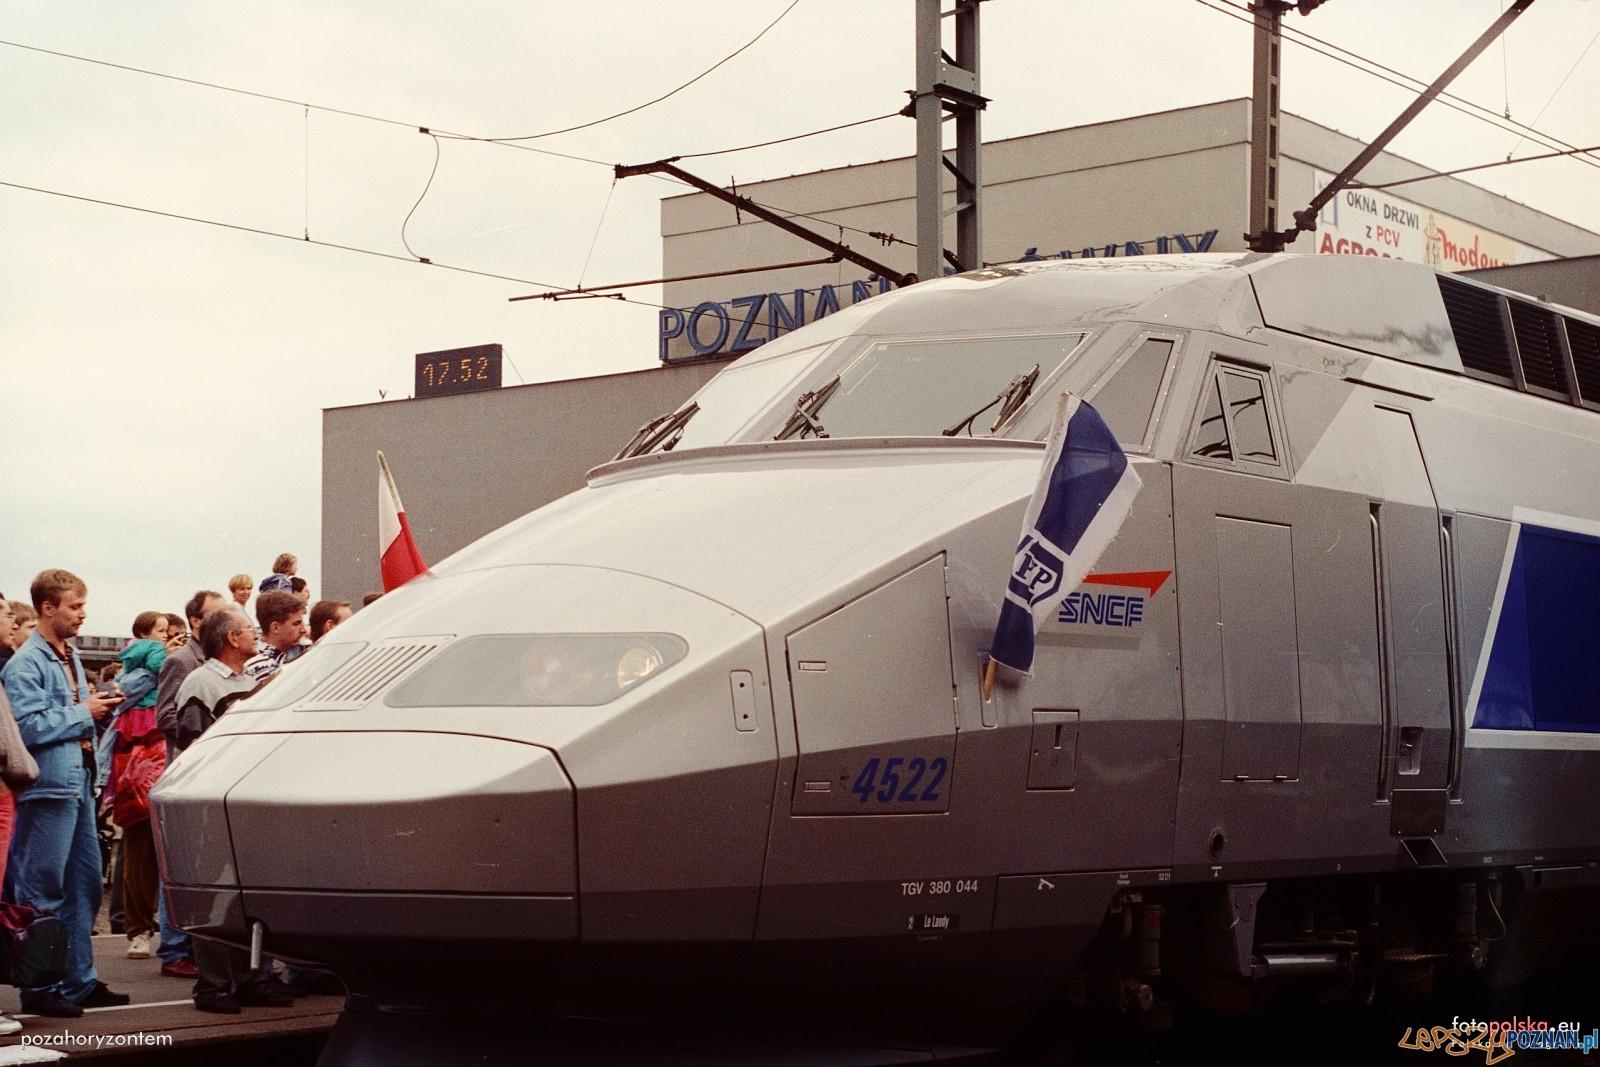 TGV na stacji Poznań Głowny - 18.06.1995  Foto: Przemysław Górski / pozahoryzontem / fotopolska.eu